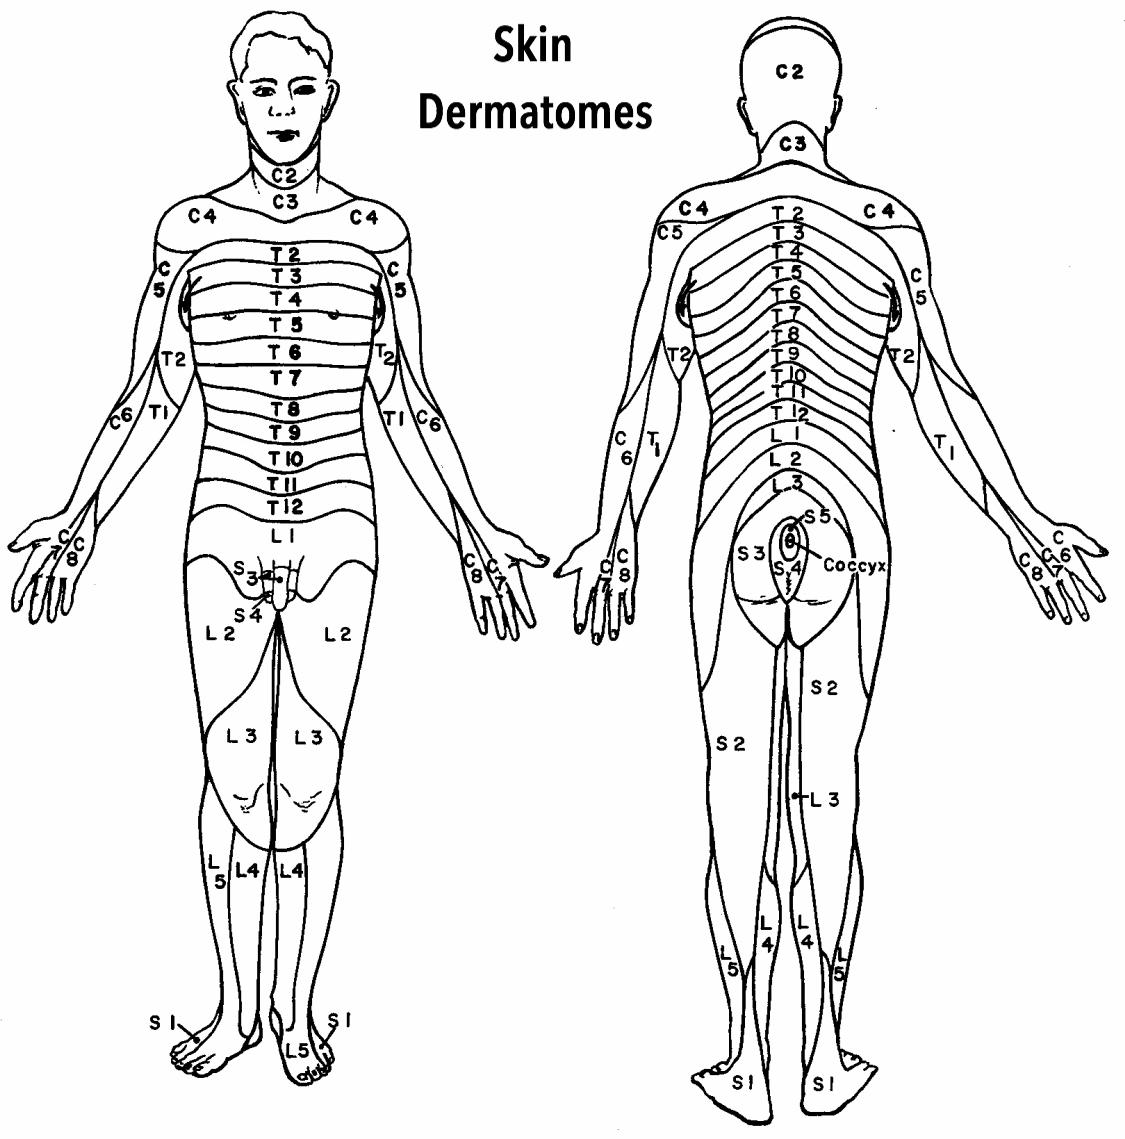 Skin Dermatomes